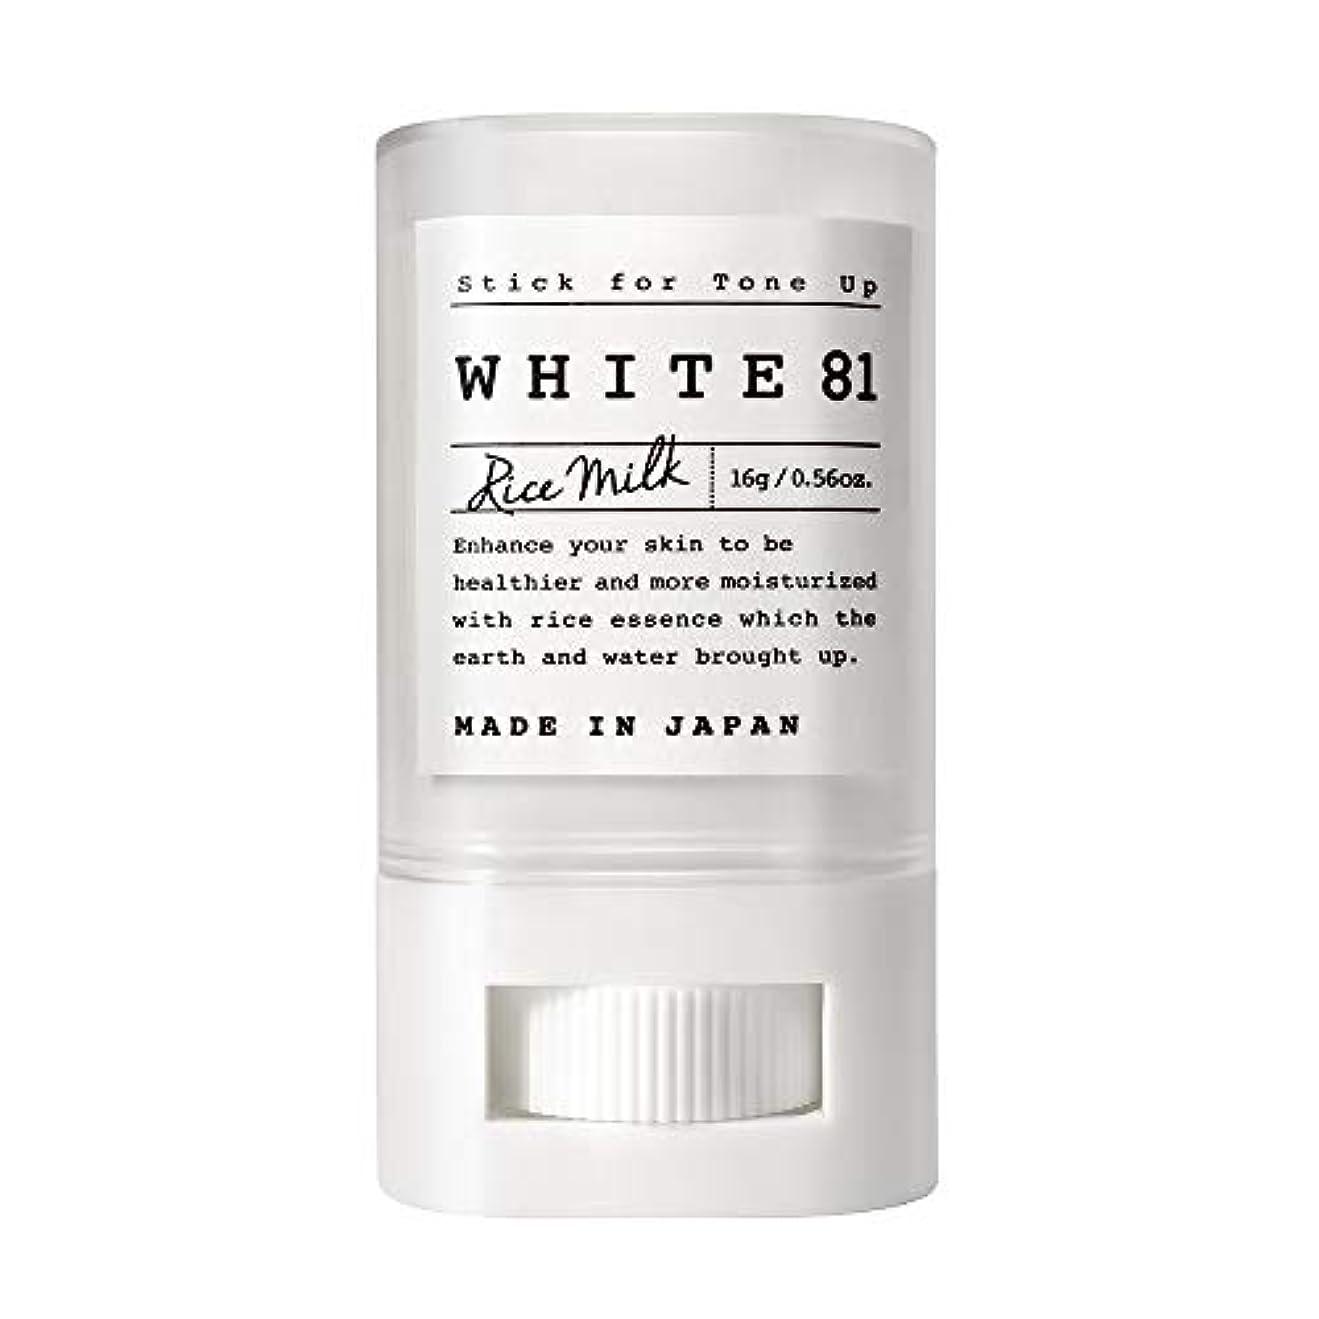 札入れカートン守るWHITE81 ホワイト81 トーンアップスティック(化粧下地?日焼け止め / SPF35?PA+++?ウォータープルーフ?複合保湿成分配合?肌に優しい6種のフリー / 日本製)